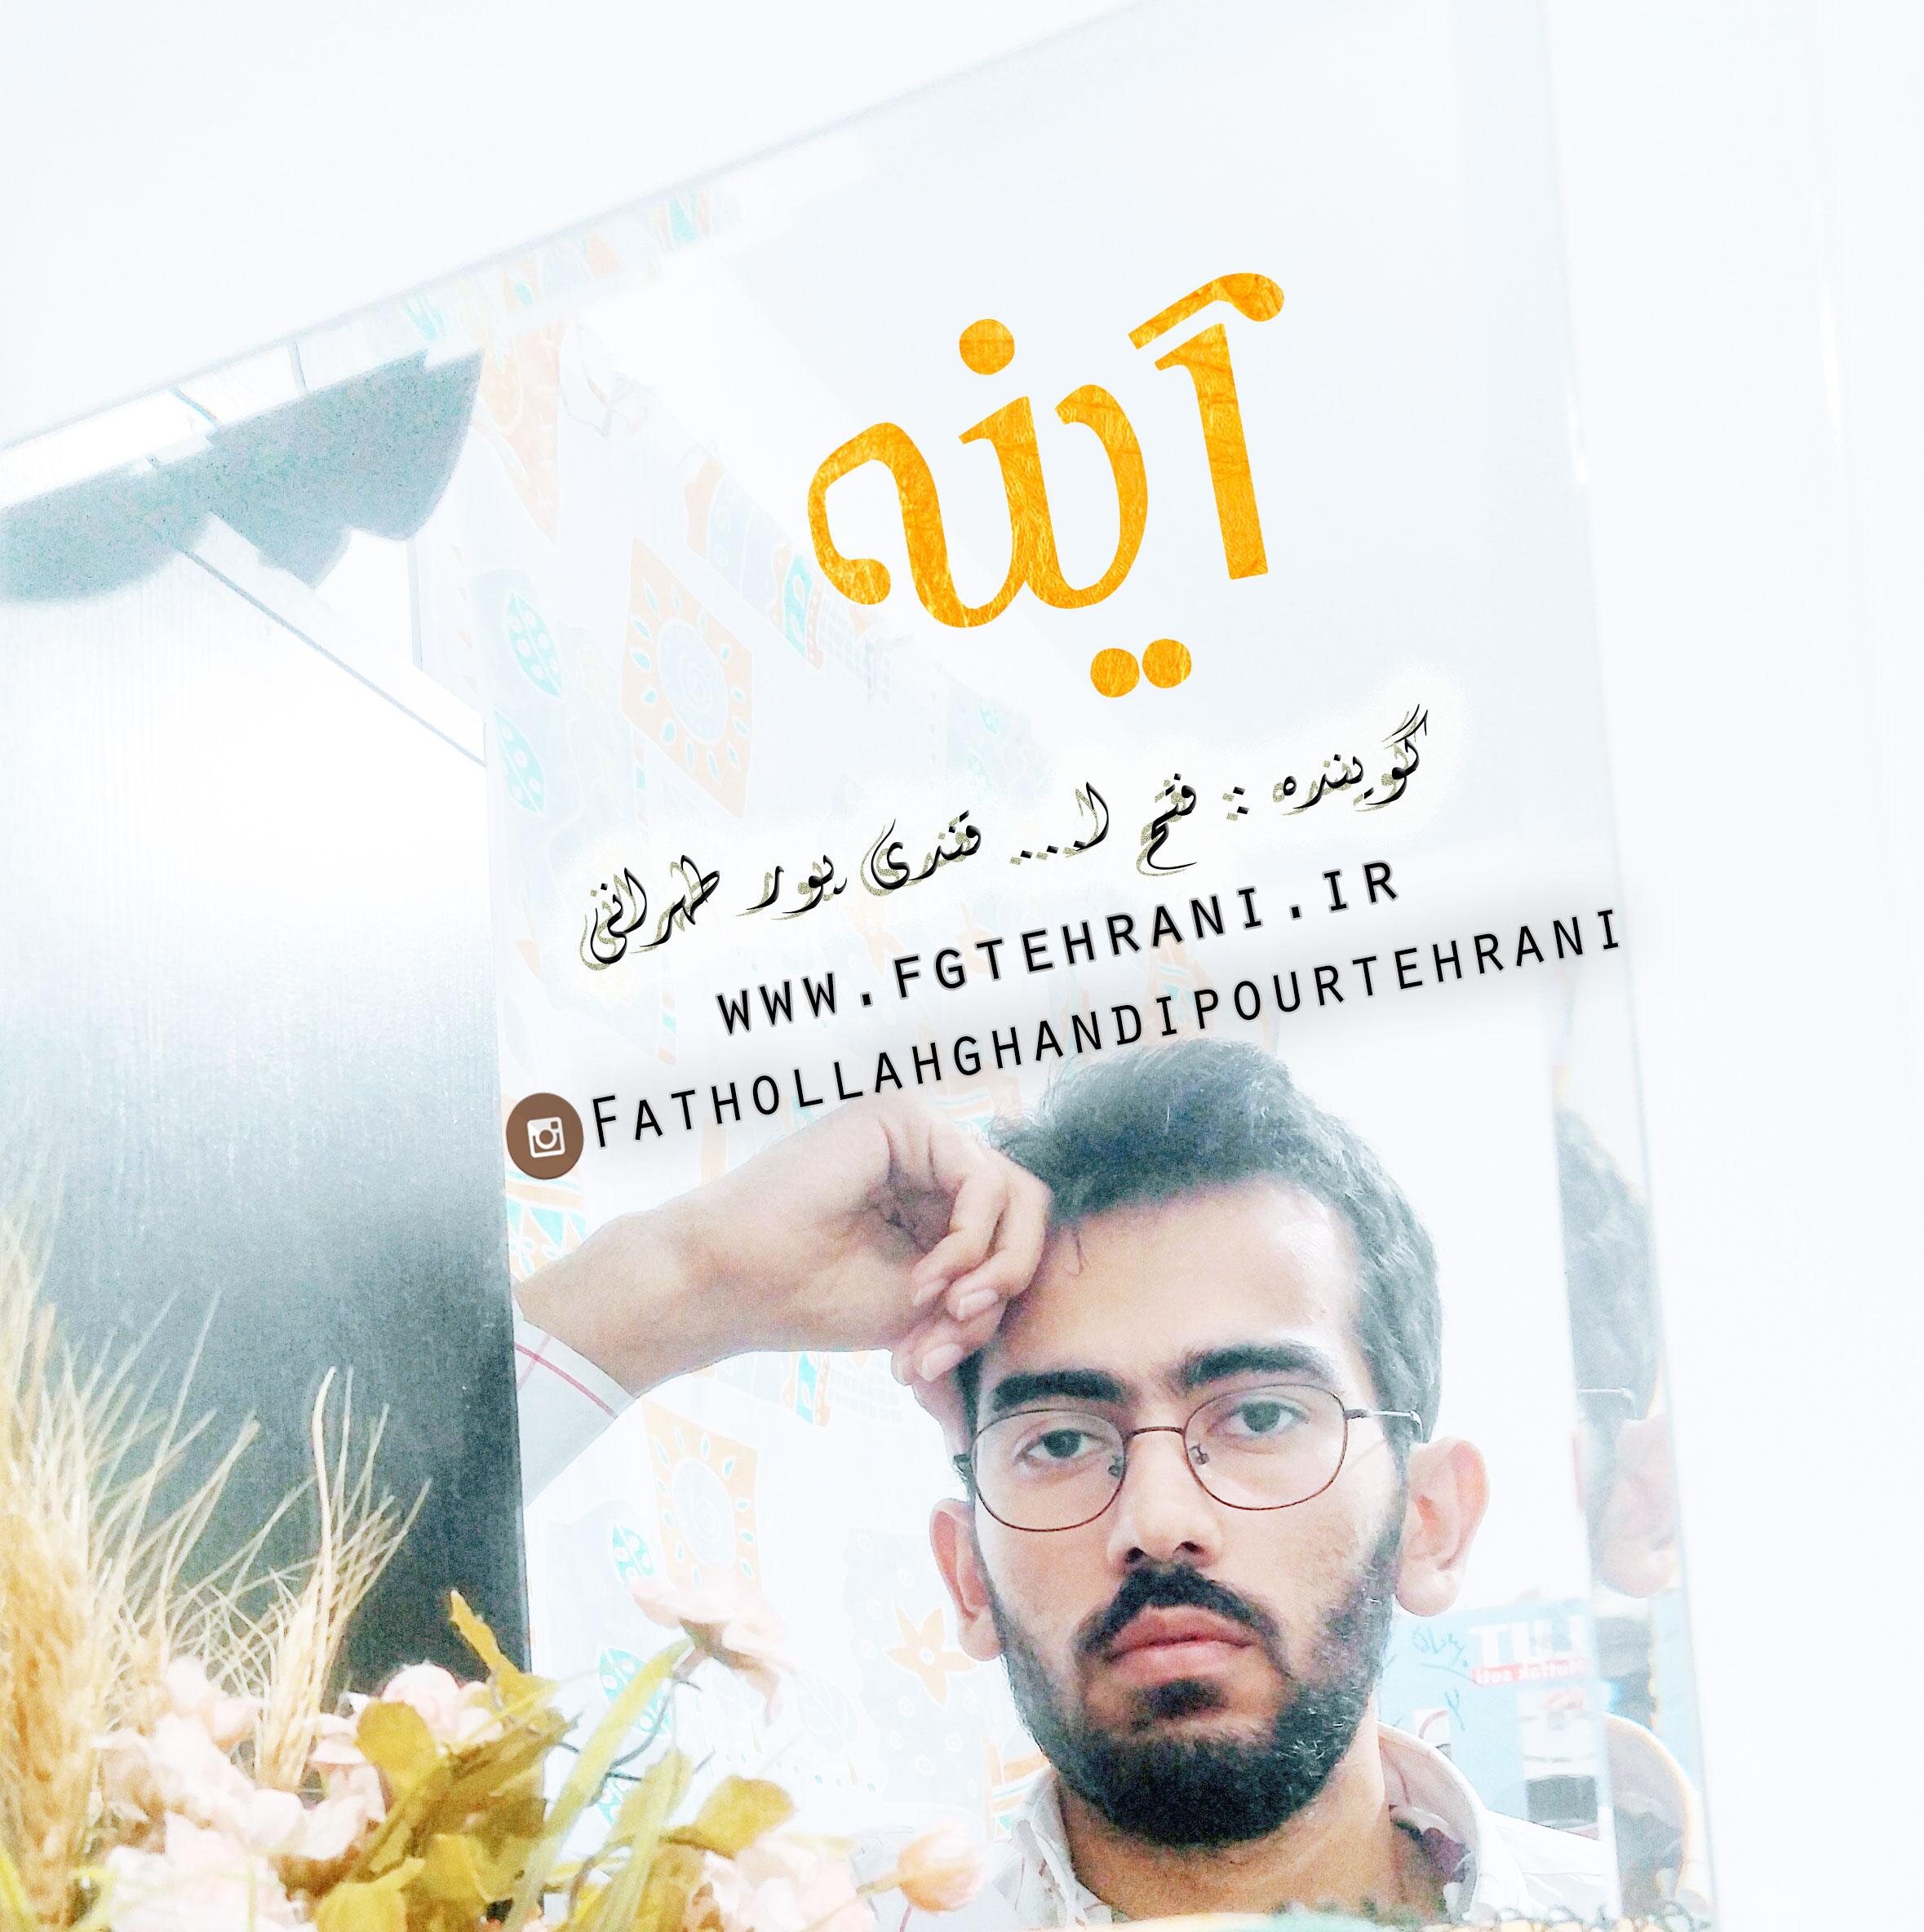 دکلمه عاشقانه به نام آینه با صدای فتح ا... قندی پور طهرانی